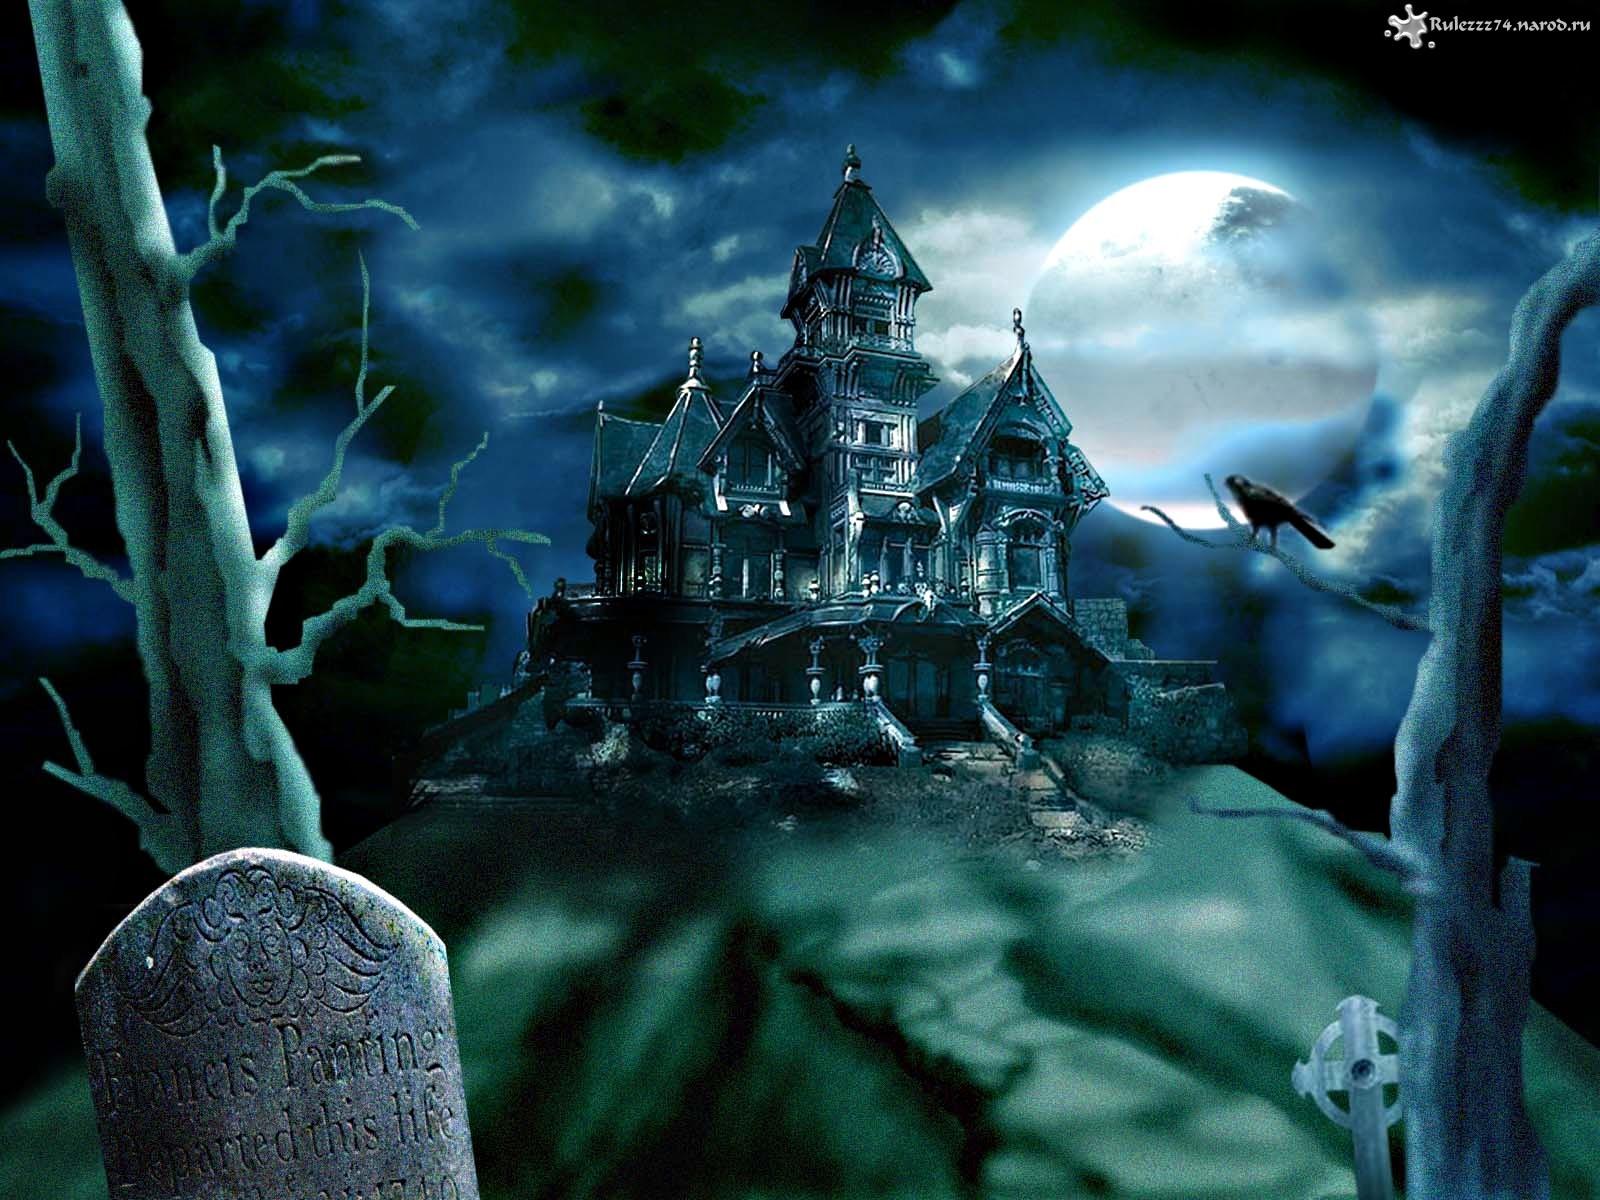 15582 скачать обои Замки, Хэллоуин (Halloween), Рисунки, Пейзаж, Дома - заставки и картинки бесплатно